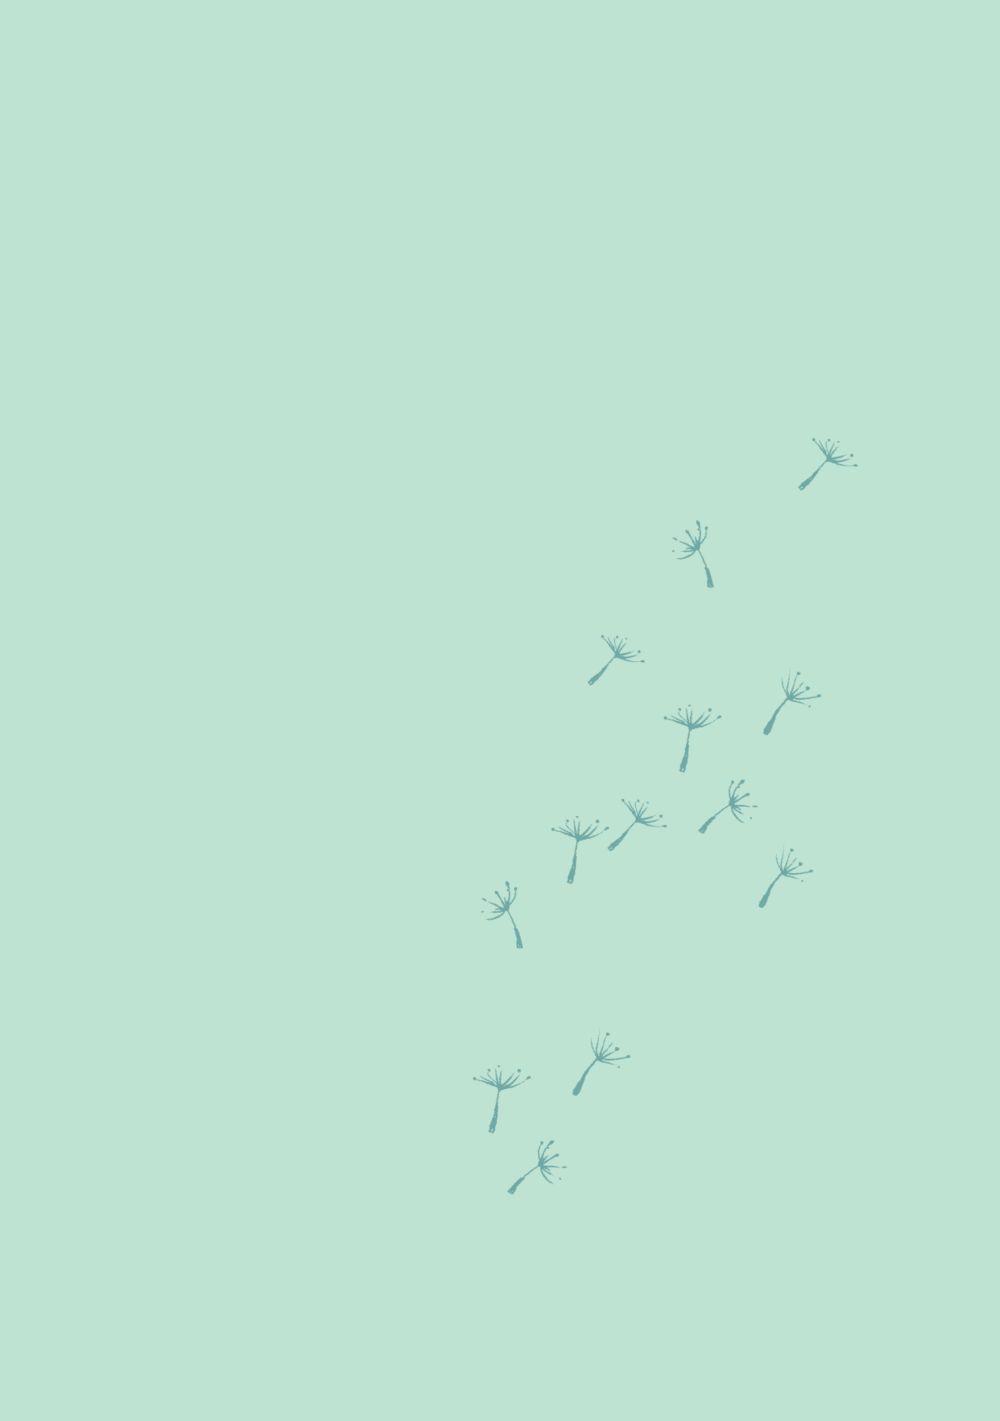 Ansicht 4 - Glückwunschkarte zur Geburt Mäuschen